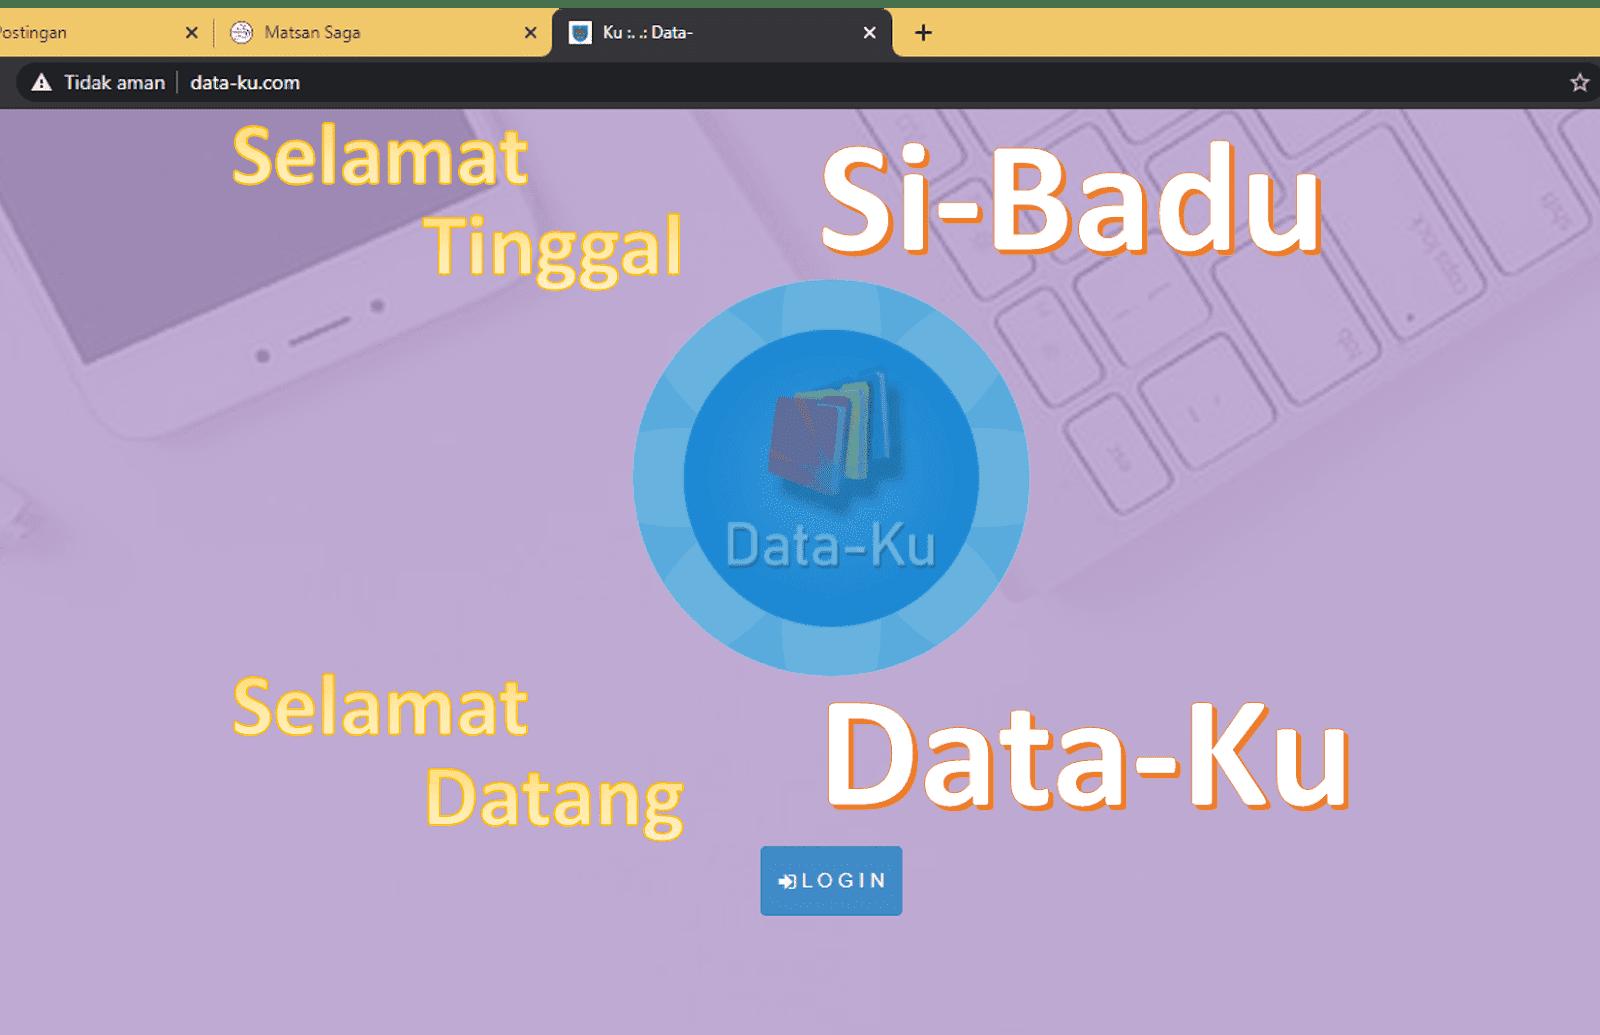 Si-Badu Vs Data-Ku